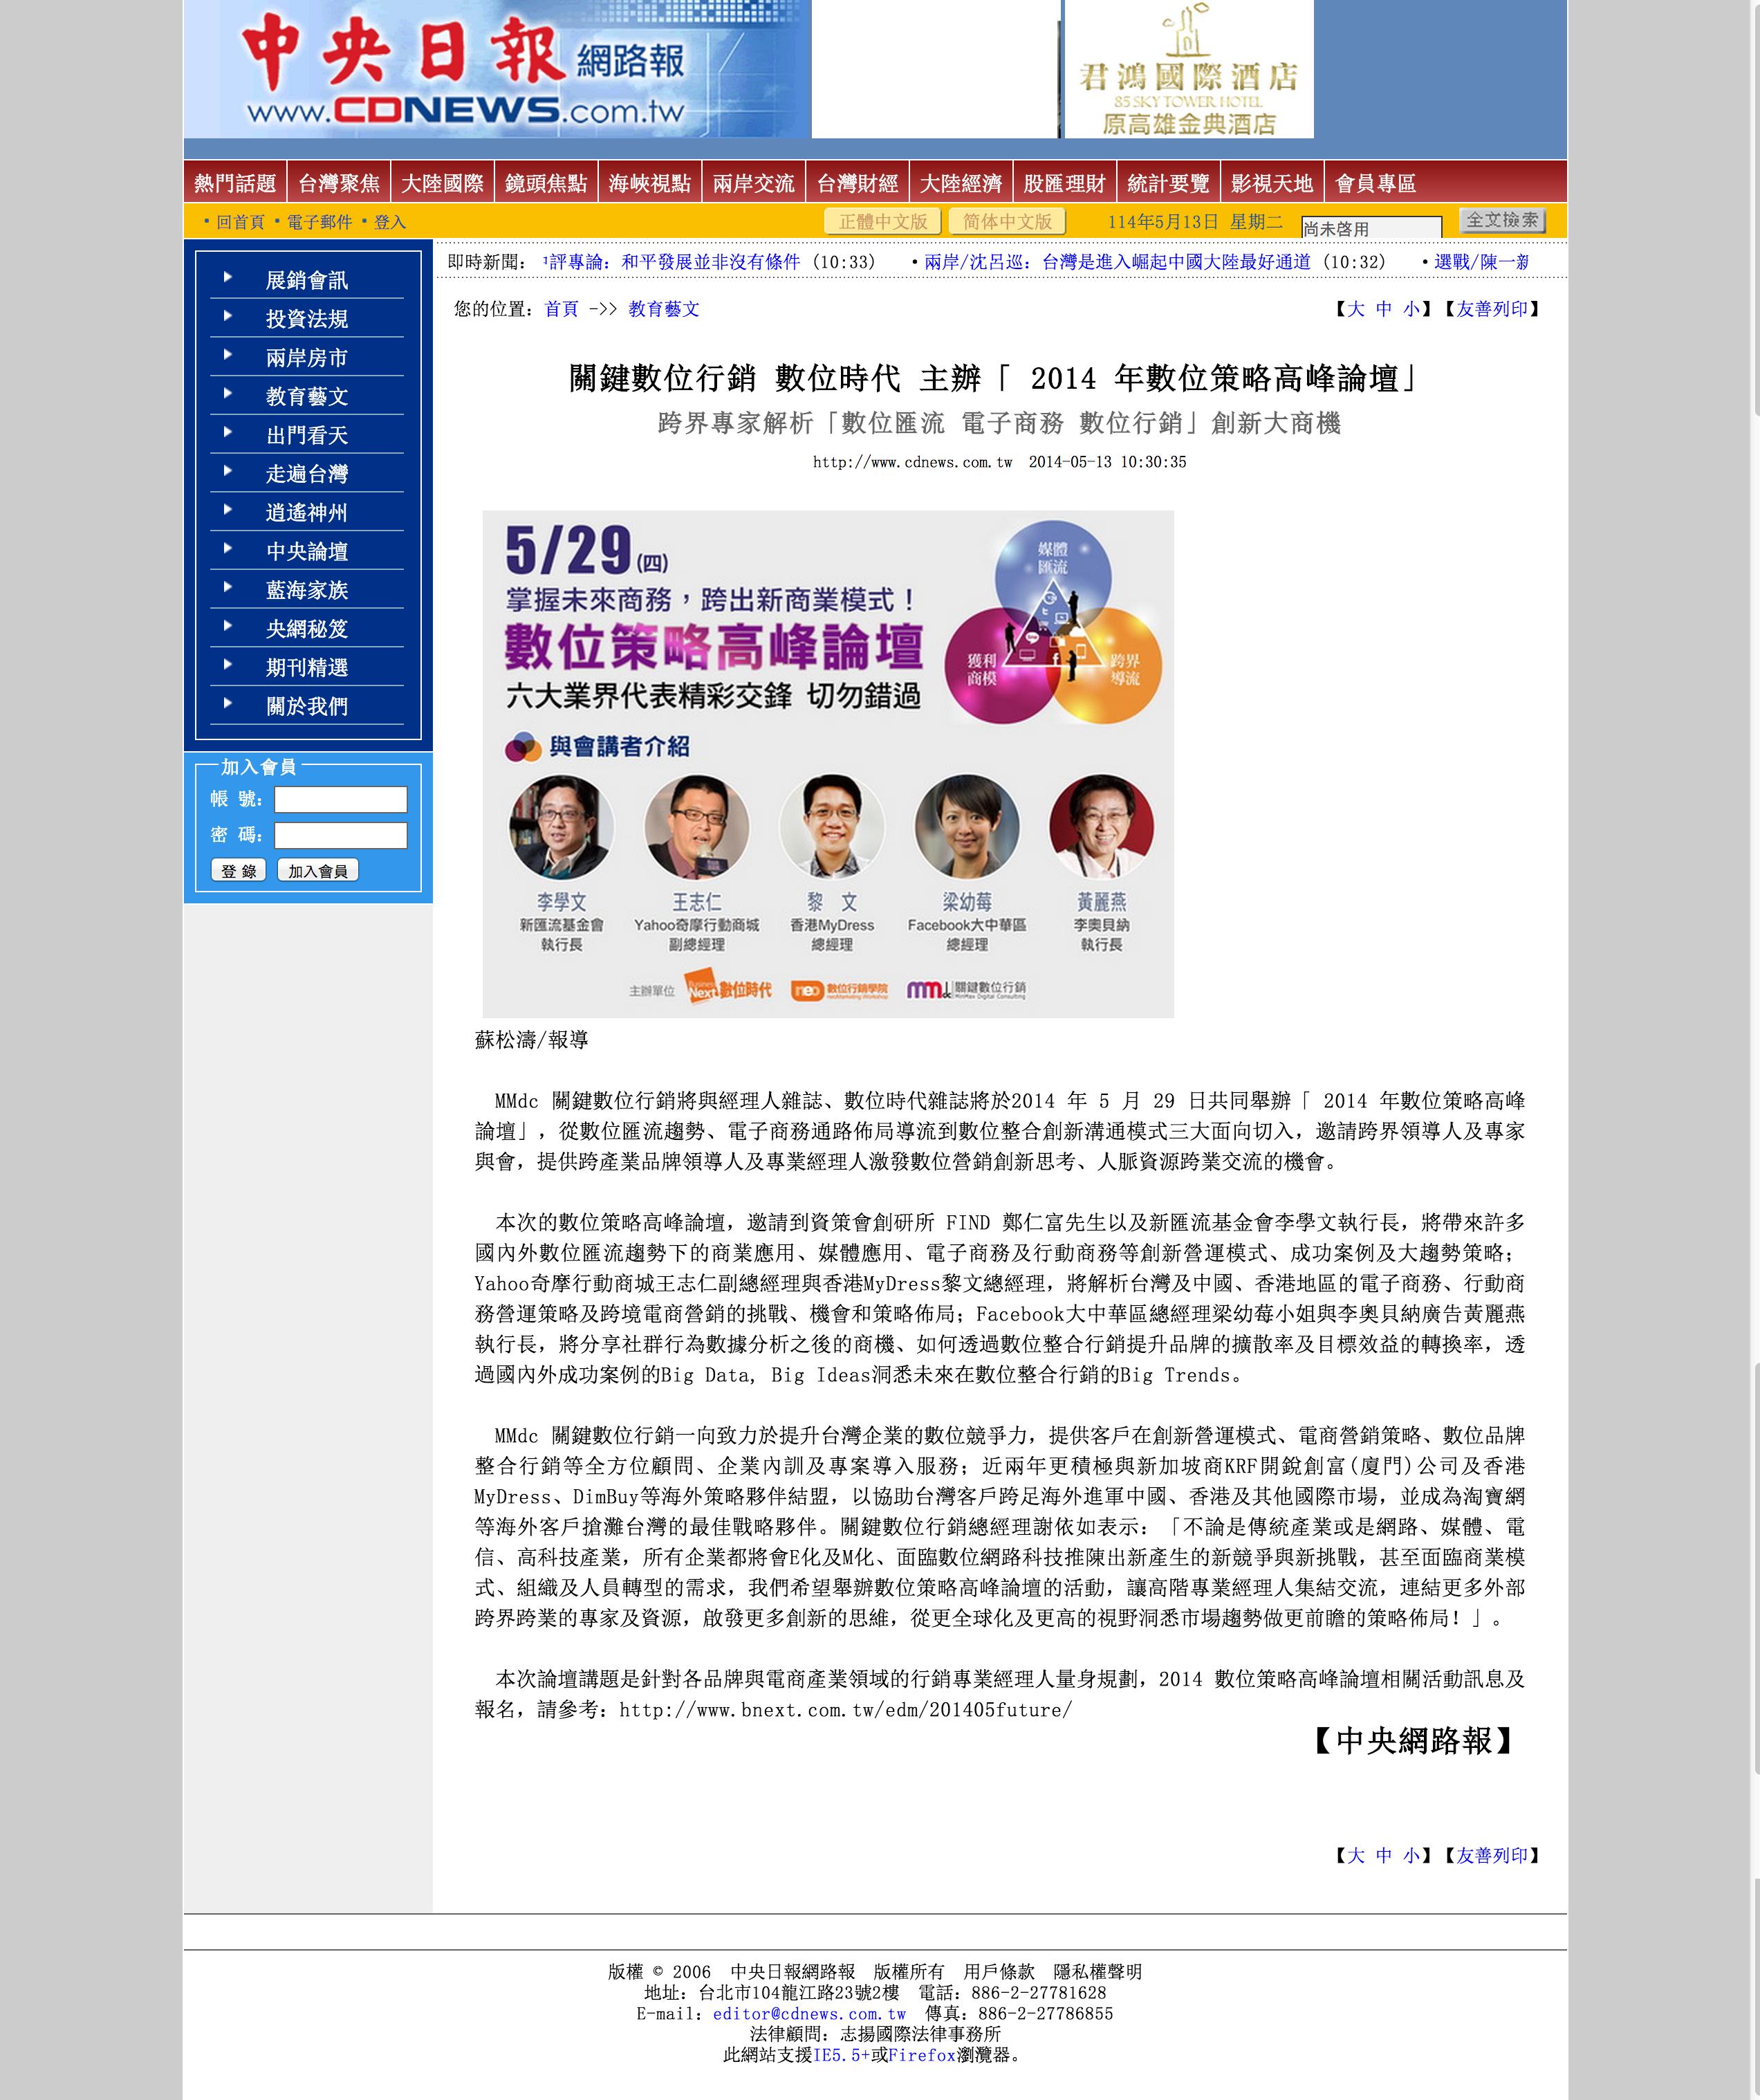 2014數位行銷高峰論壇